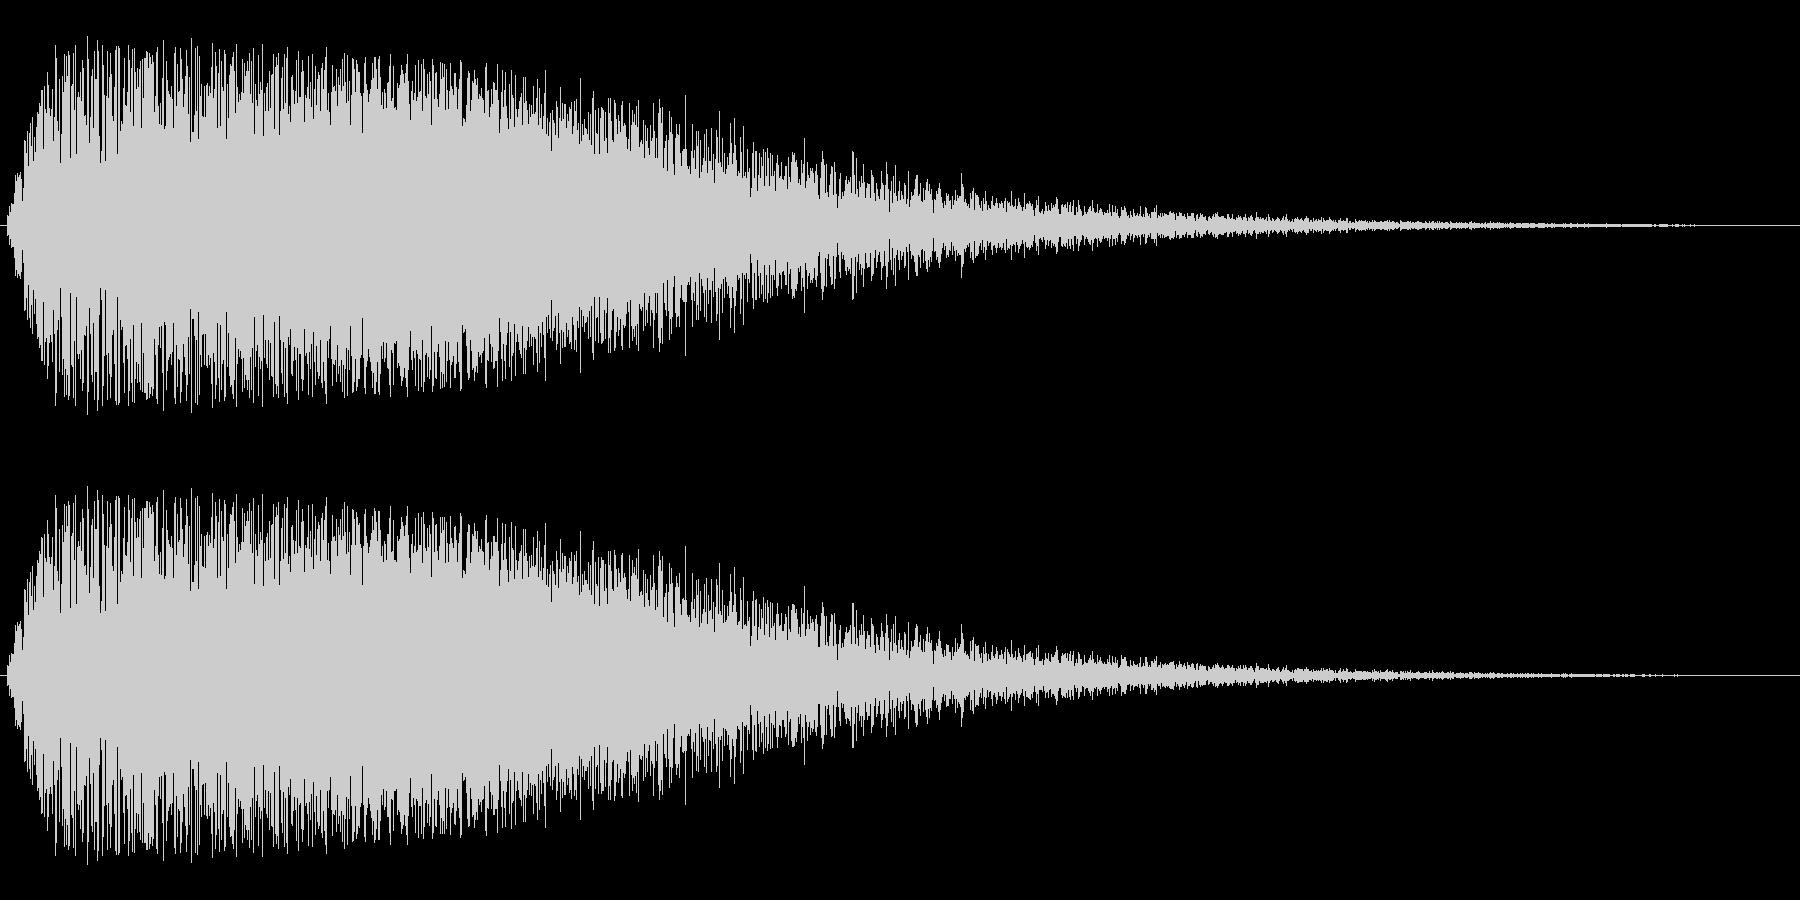 キラキラから不安な余韻を残すジャララ音の未再生の波形